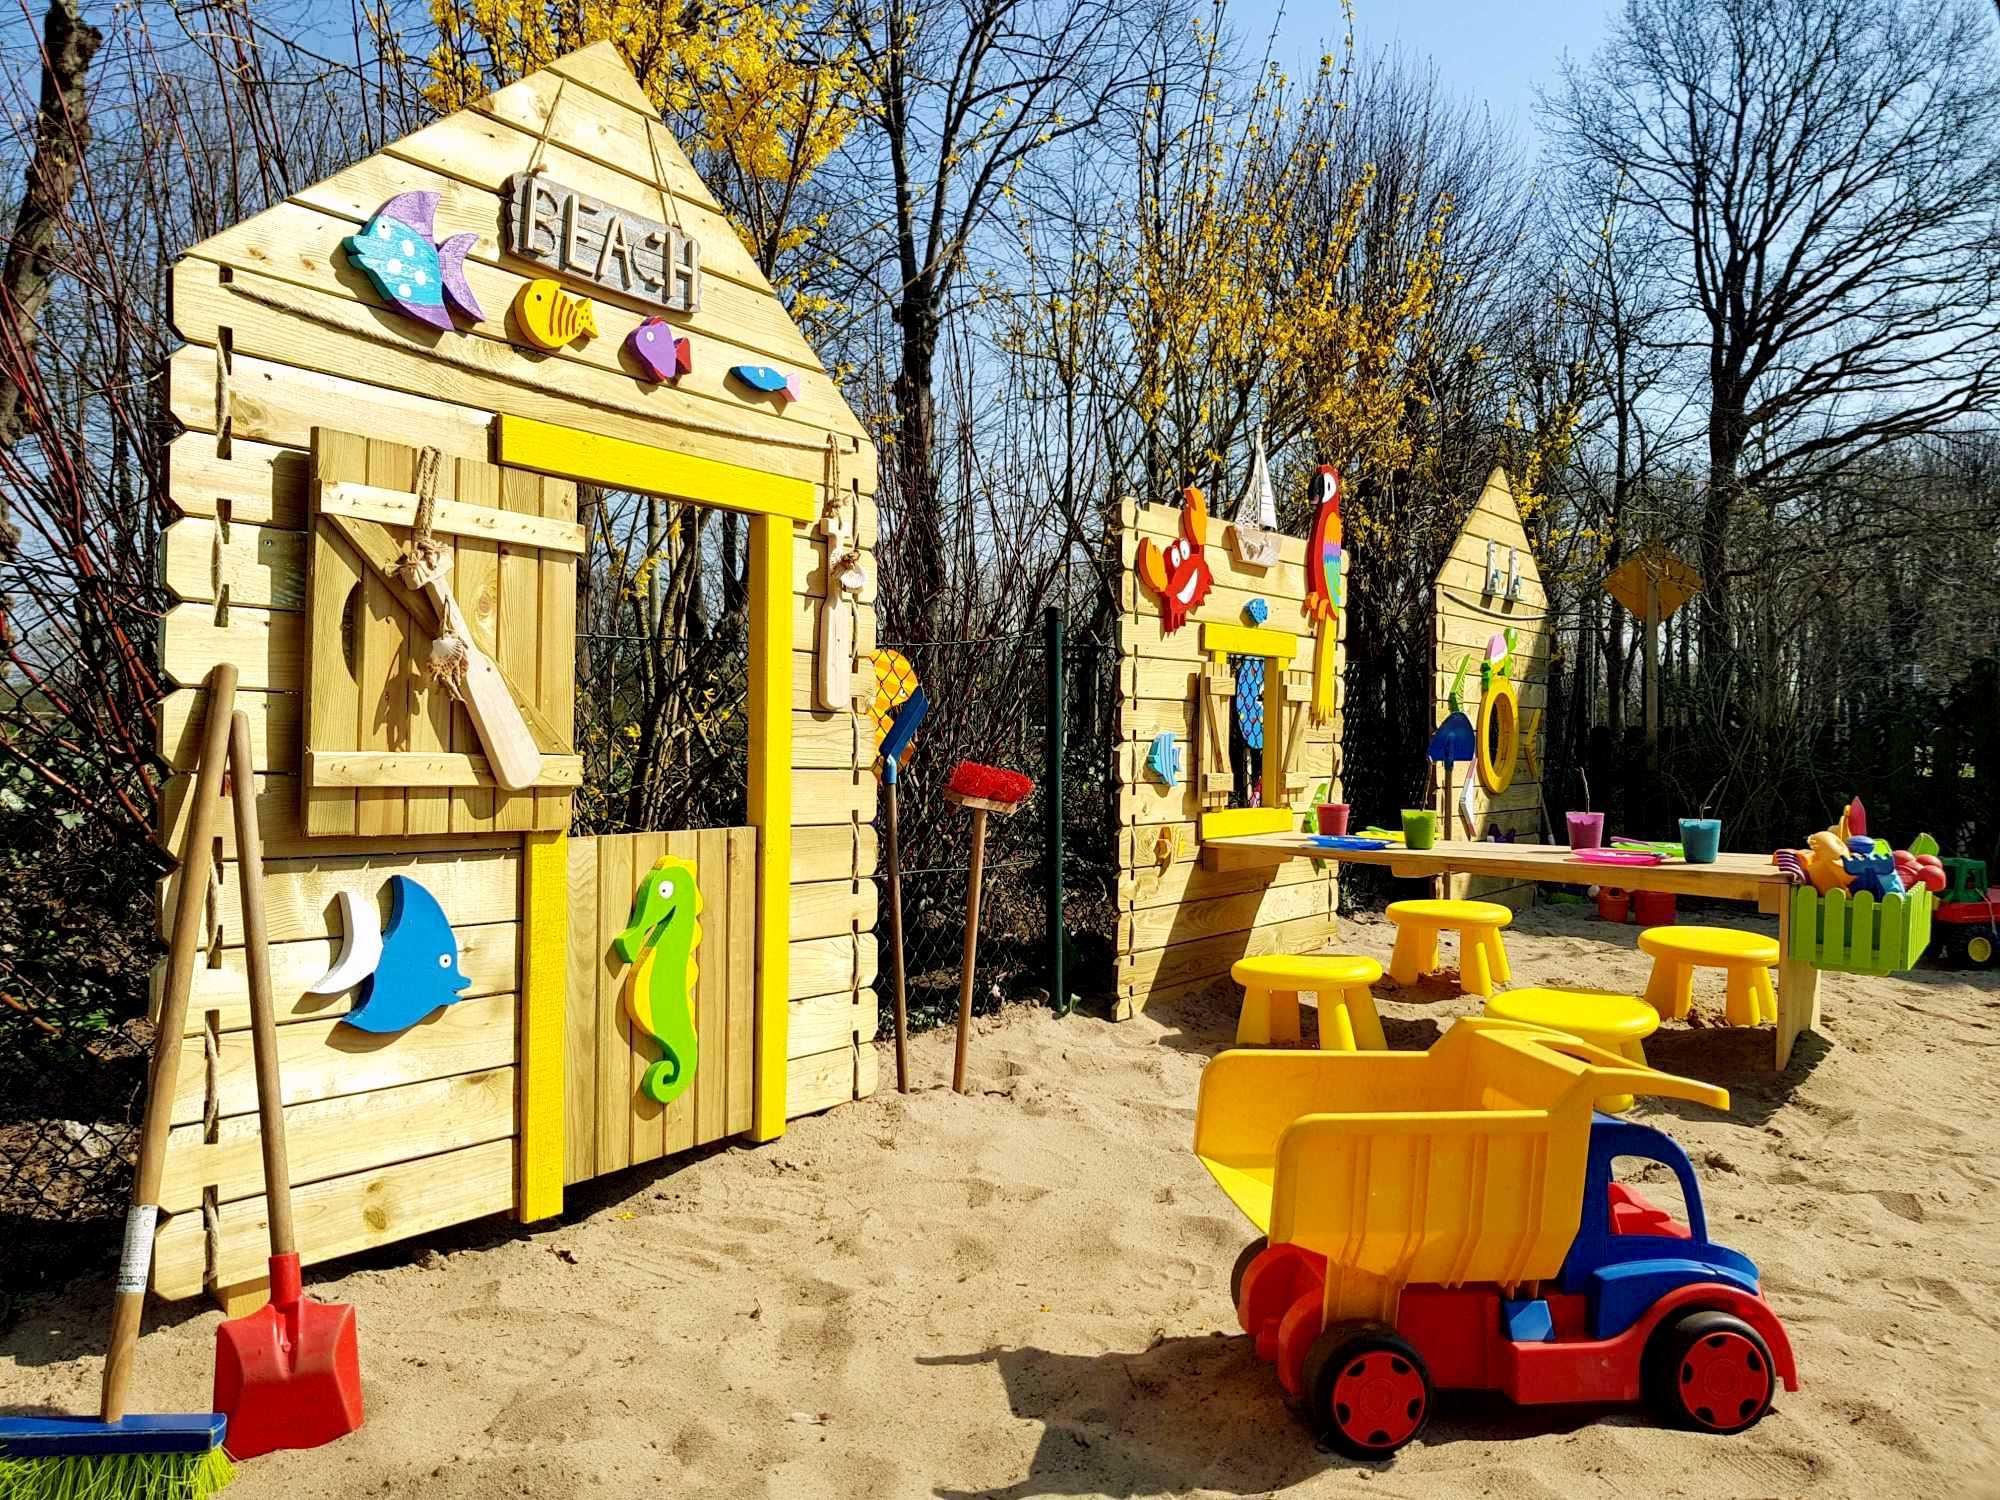 Kita Kid Zone Kinderbetreuung Garten 1 4 - Obst- und Erlebnisgarten